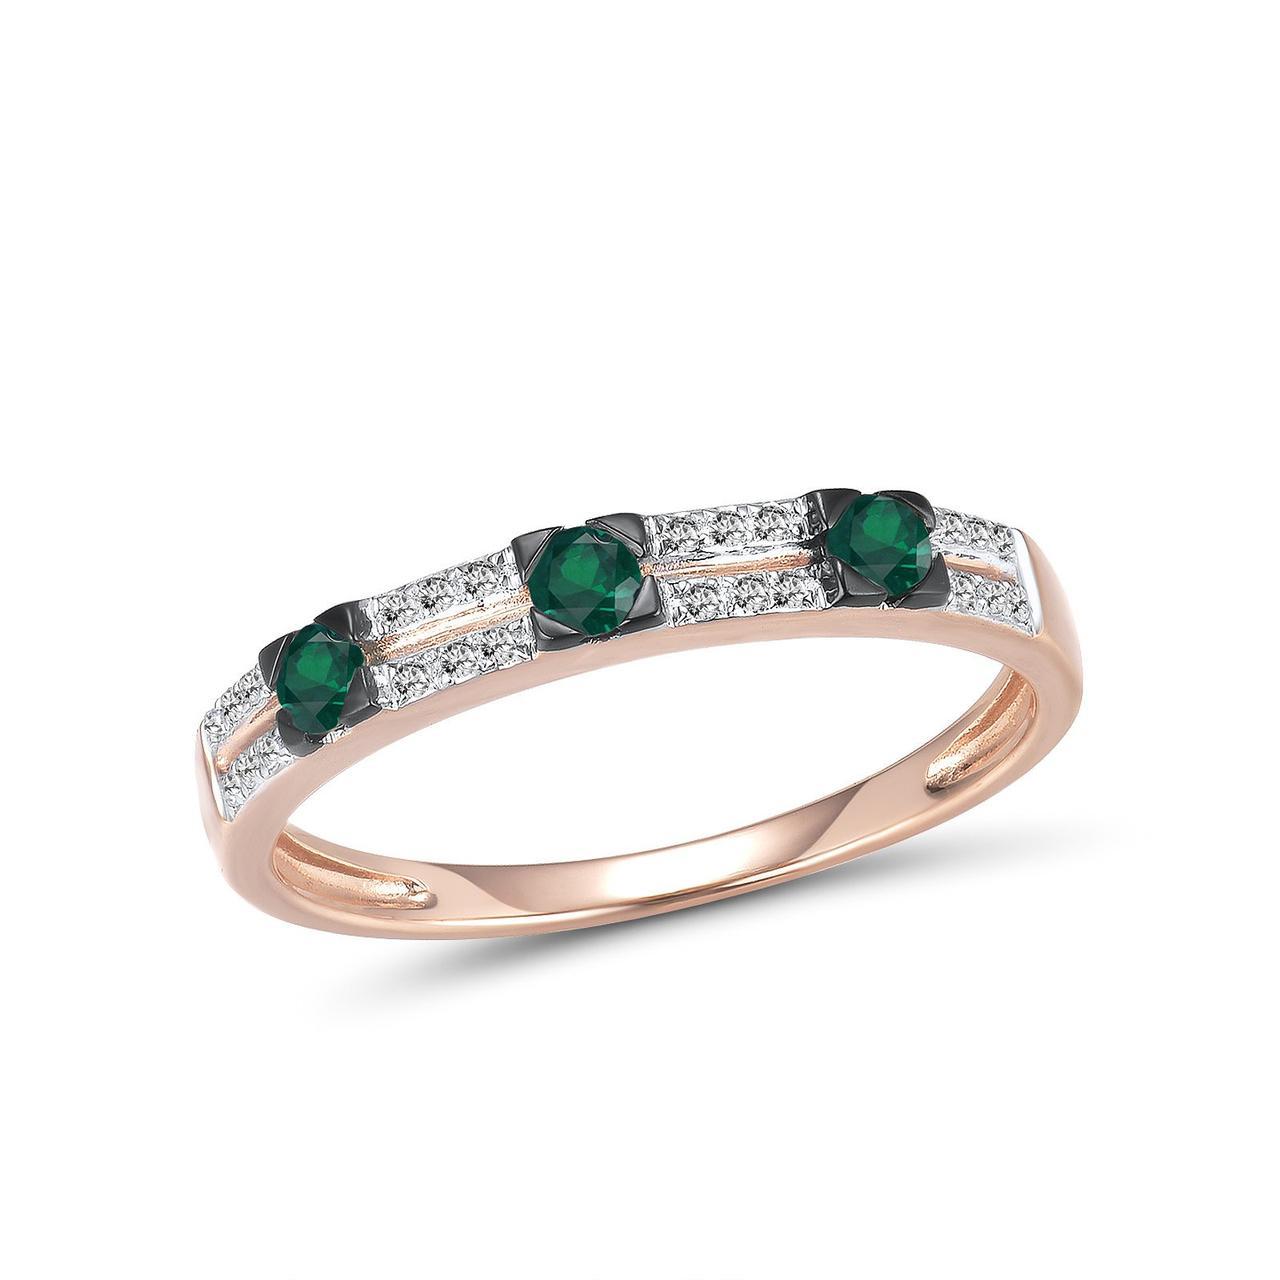 Золотое кольцо с бриллиантами и изумрудами, размер 15.5 (1692555)